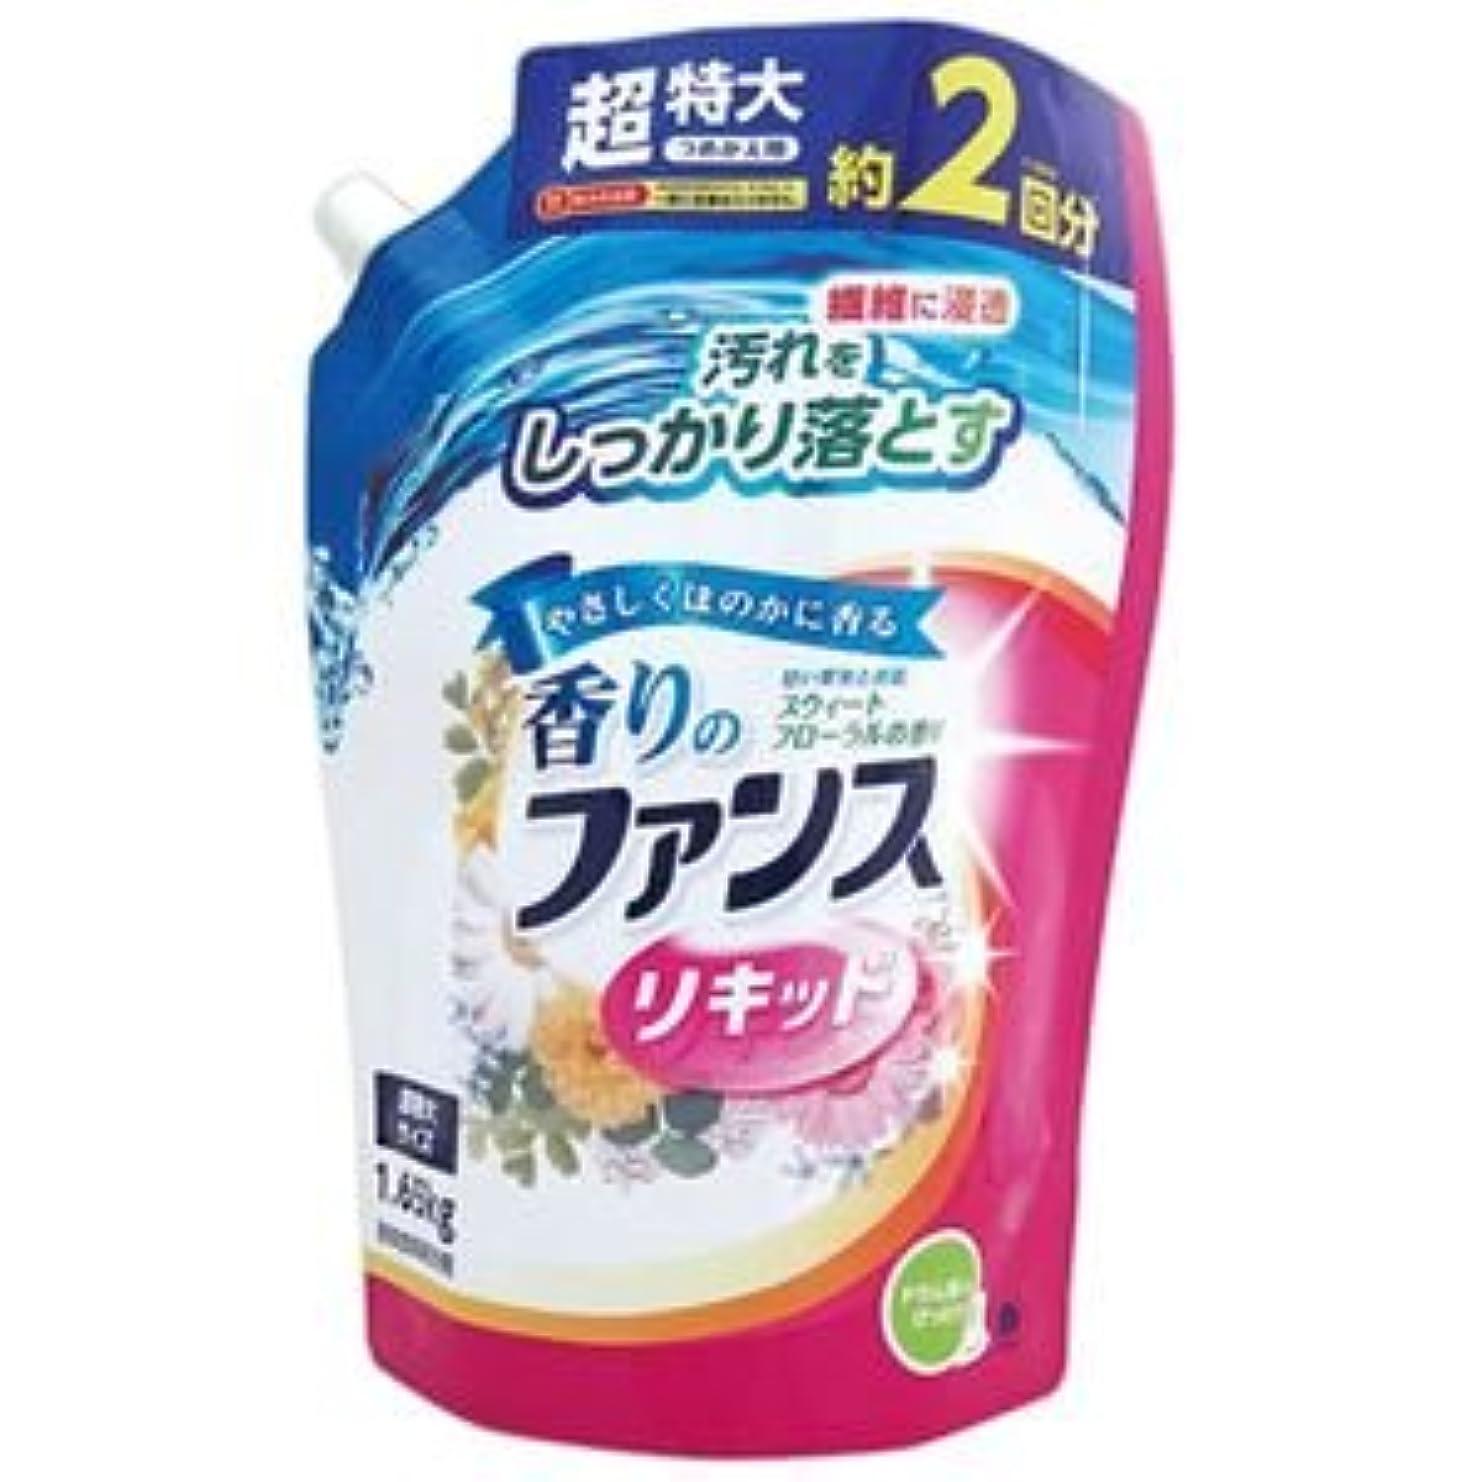 勘違いする泥棒競合他社選手(まとめ) 第一石鹸 香りのファンス 液体衣料用洗剤リキッド 詰替用 1.65kg 1セット(6個) 【×2セット】